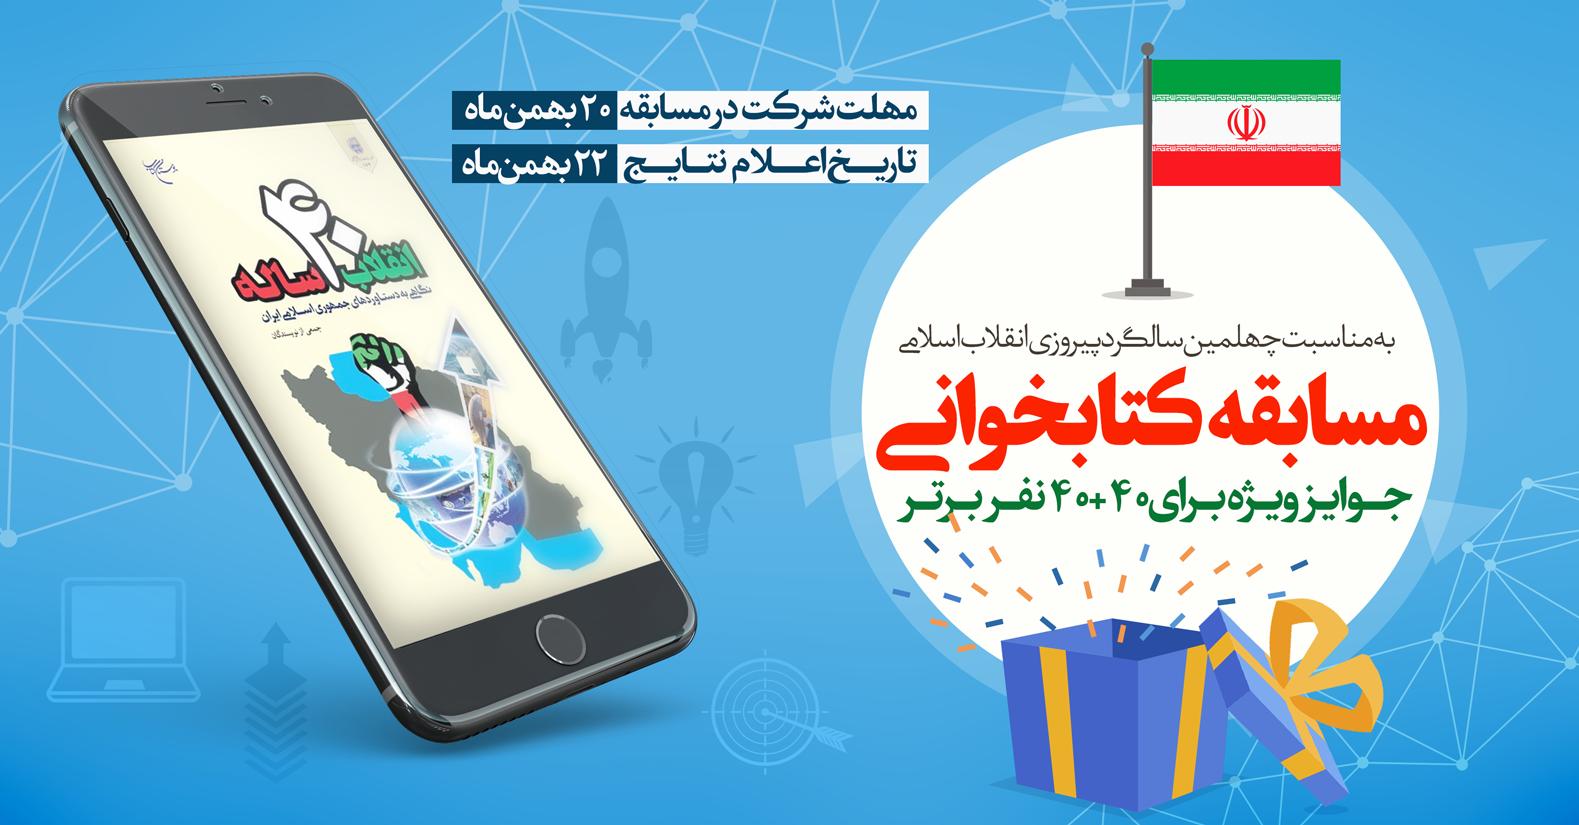 مسابقه کتابخوانی انقلاب 40 ساله: نگاهی به دستاوردهای جمهوری اسلامی ایران